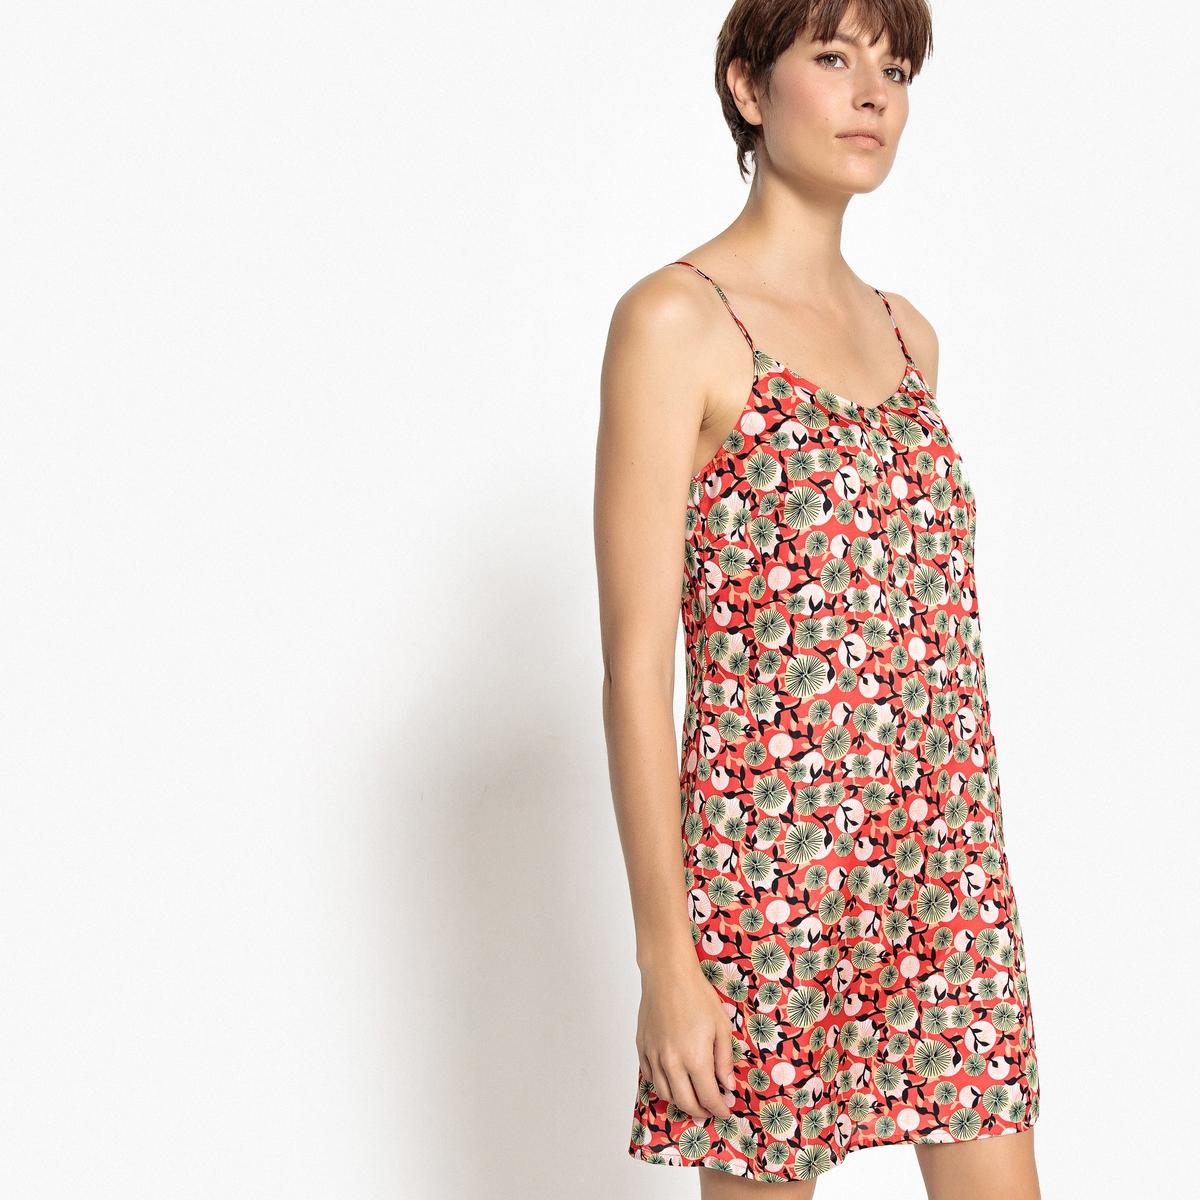 Платье La Redoute Короткое прямое с цветочным рисунком на тонких бретелях 32 (FR) - 38 (RUS) красный платье прямое с цветочным рисунком и контрастной полосой сзади